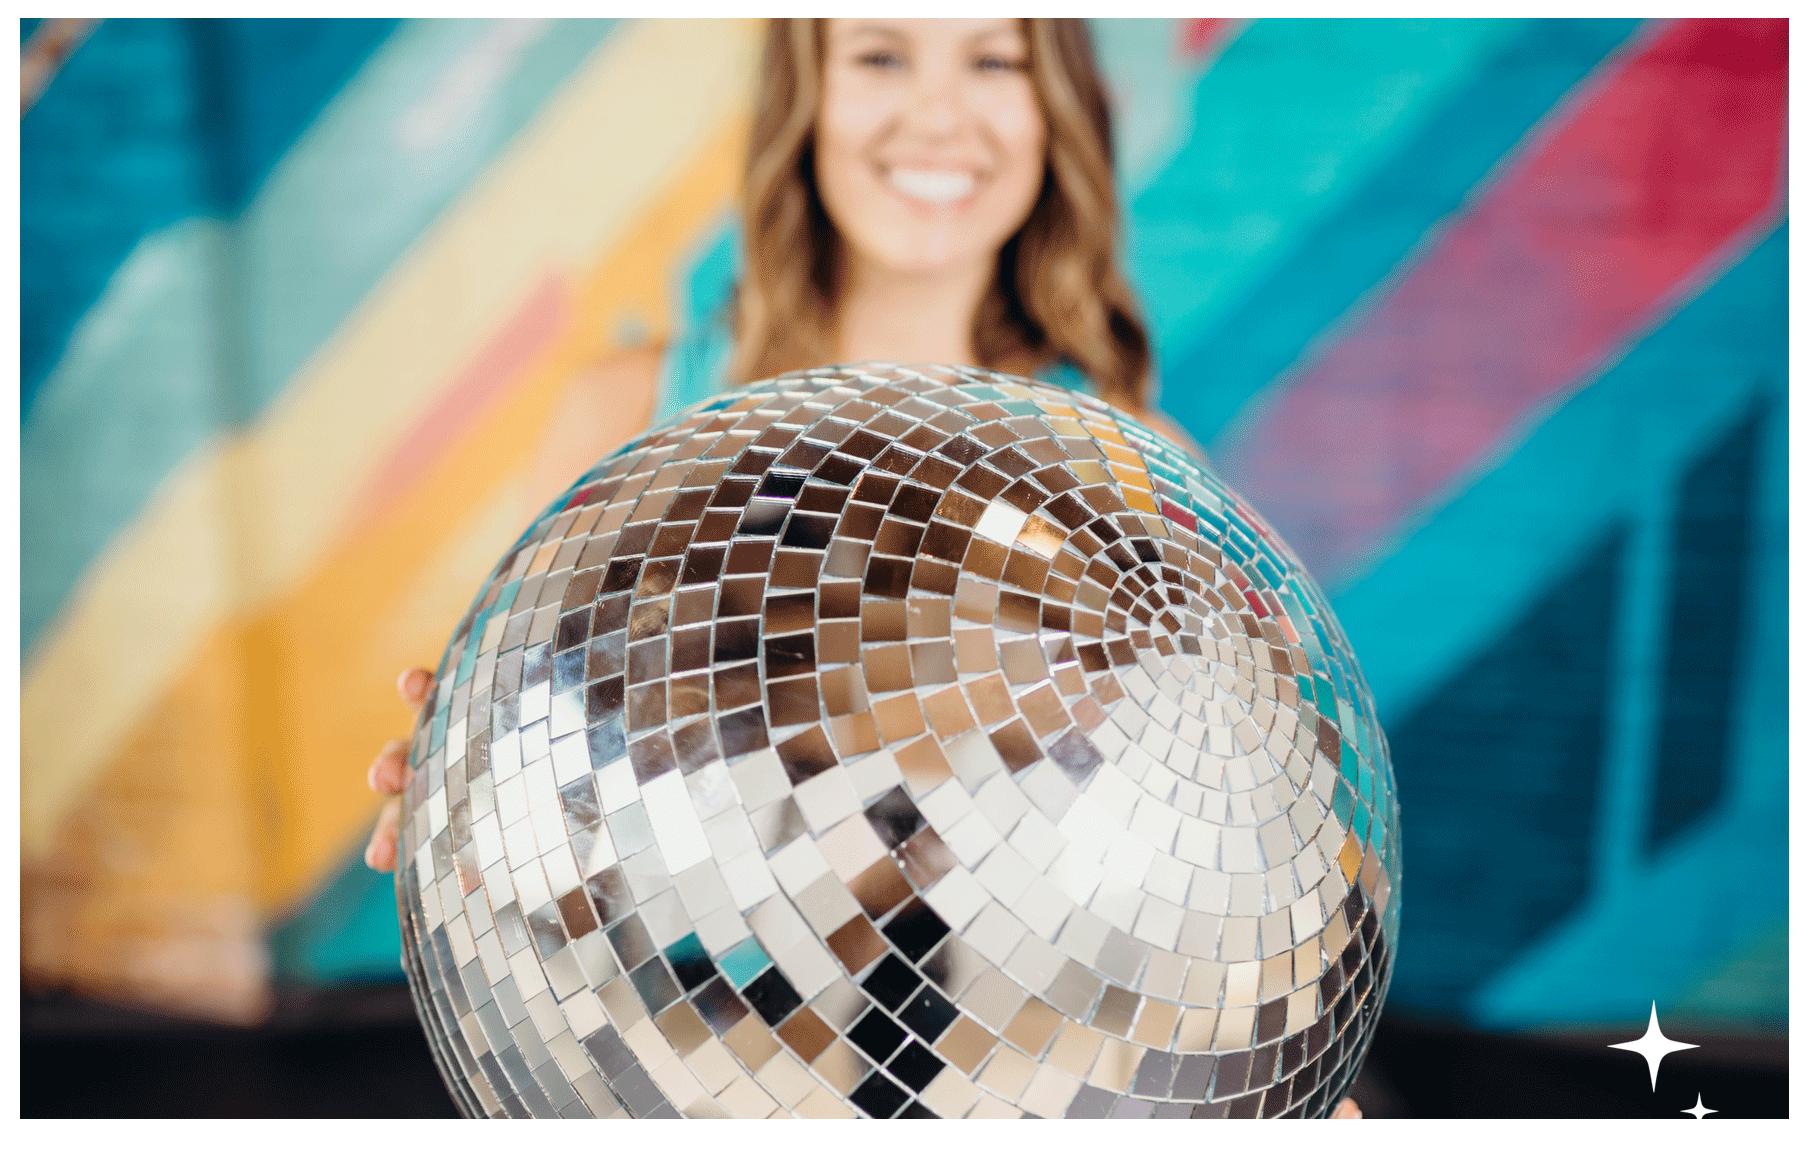 dance fit flow kansas city funraiser ideas.png